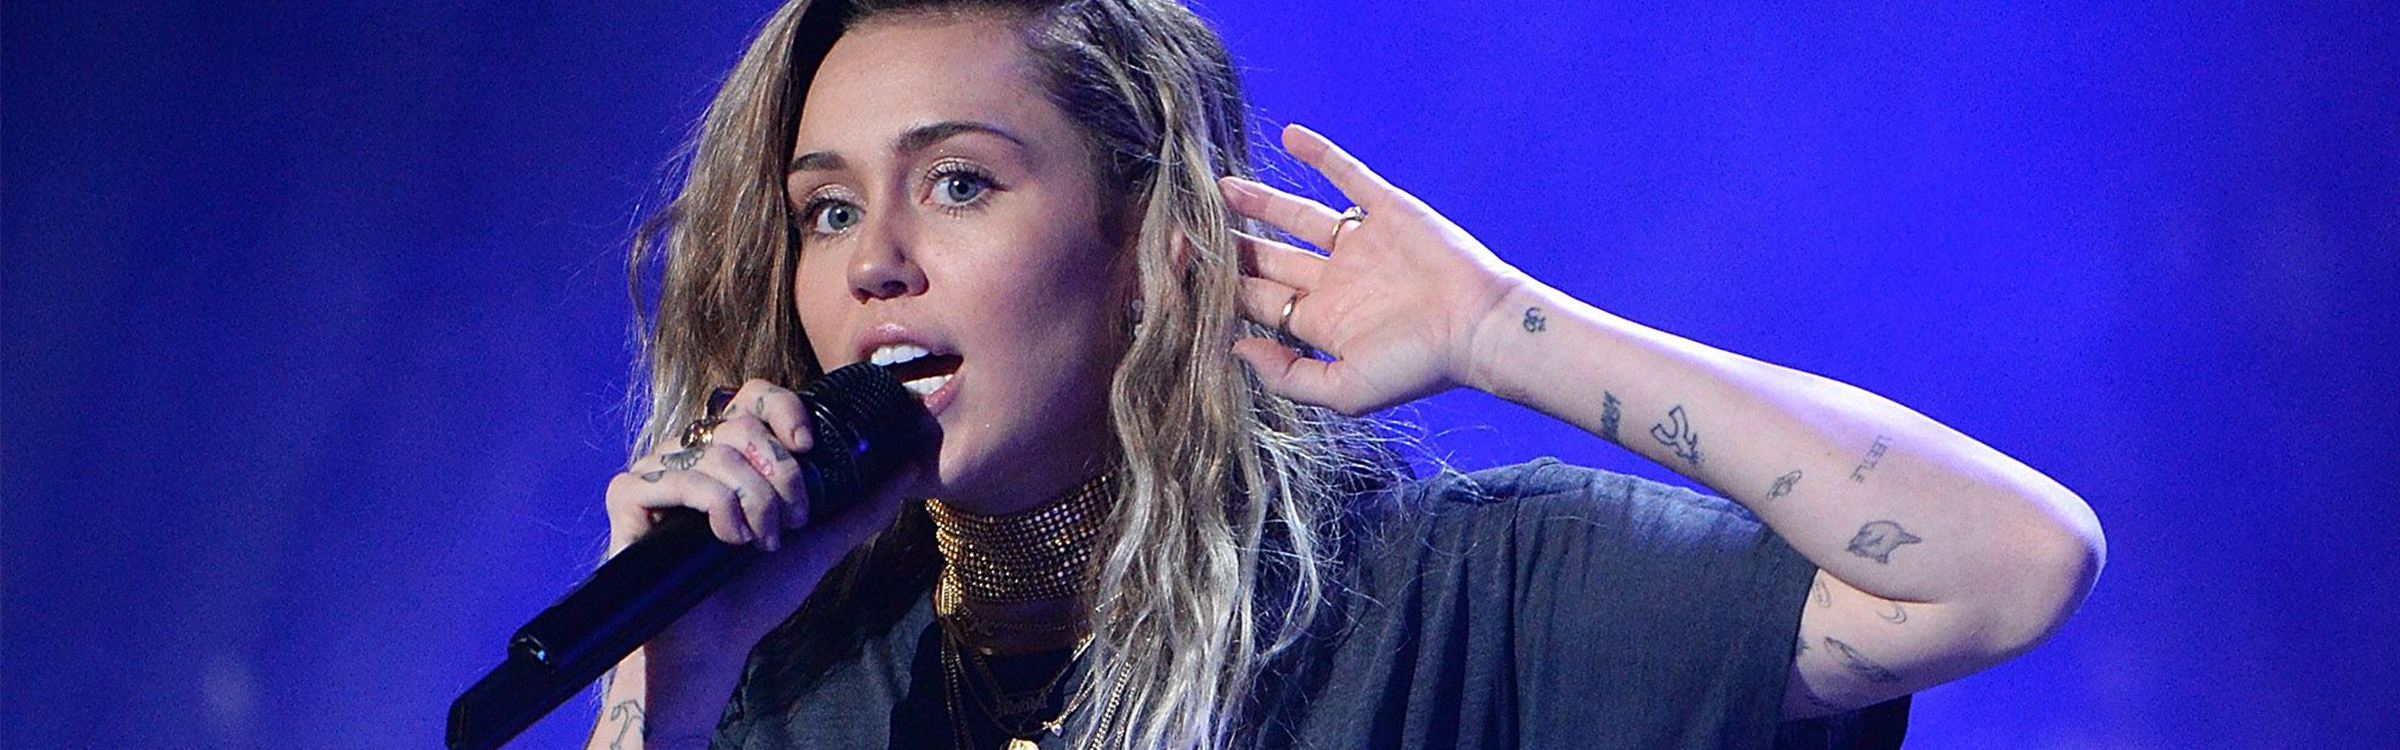 Mileycyrusny header